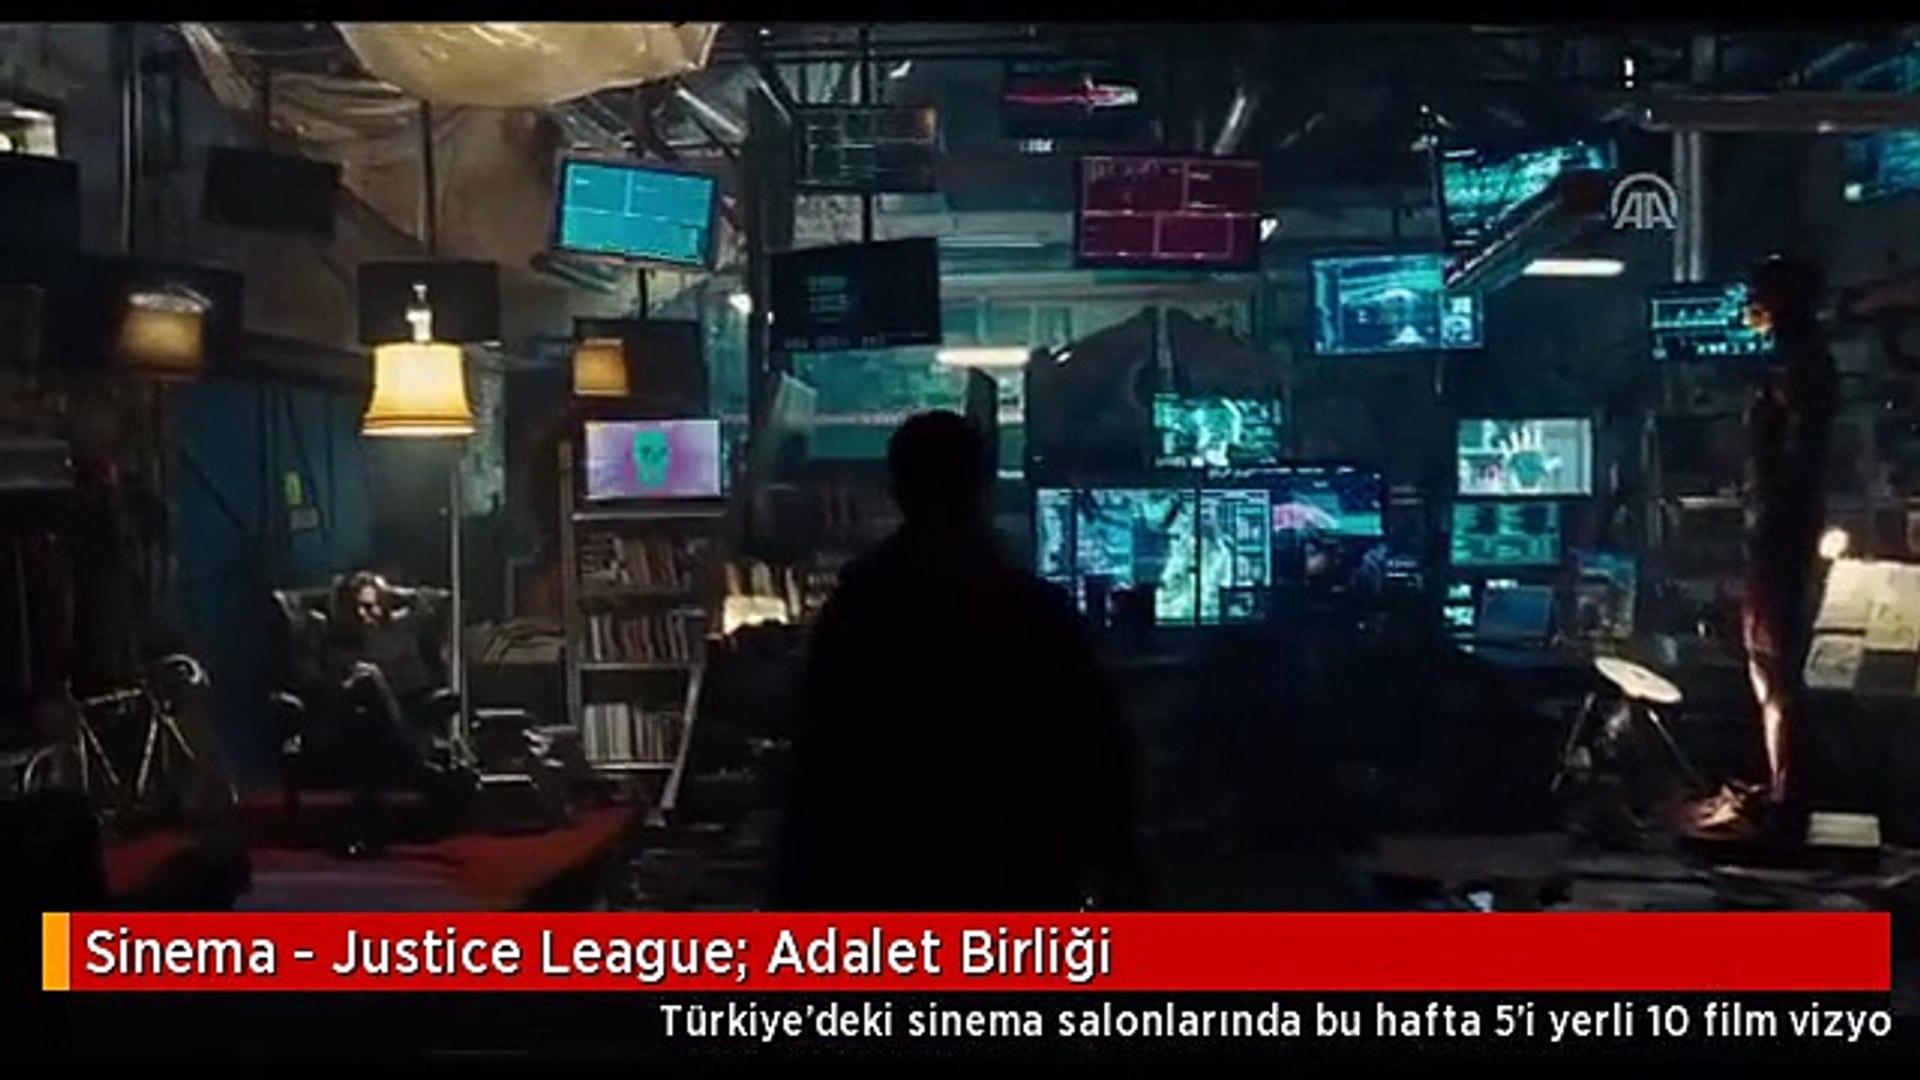 sinema justice league adalet birligi